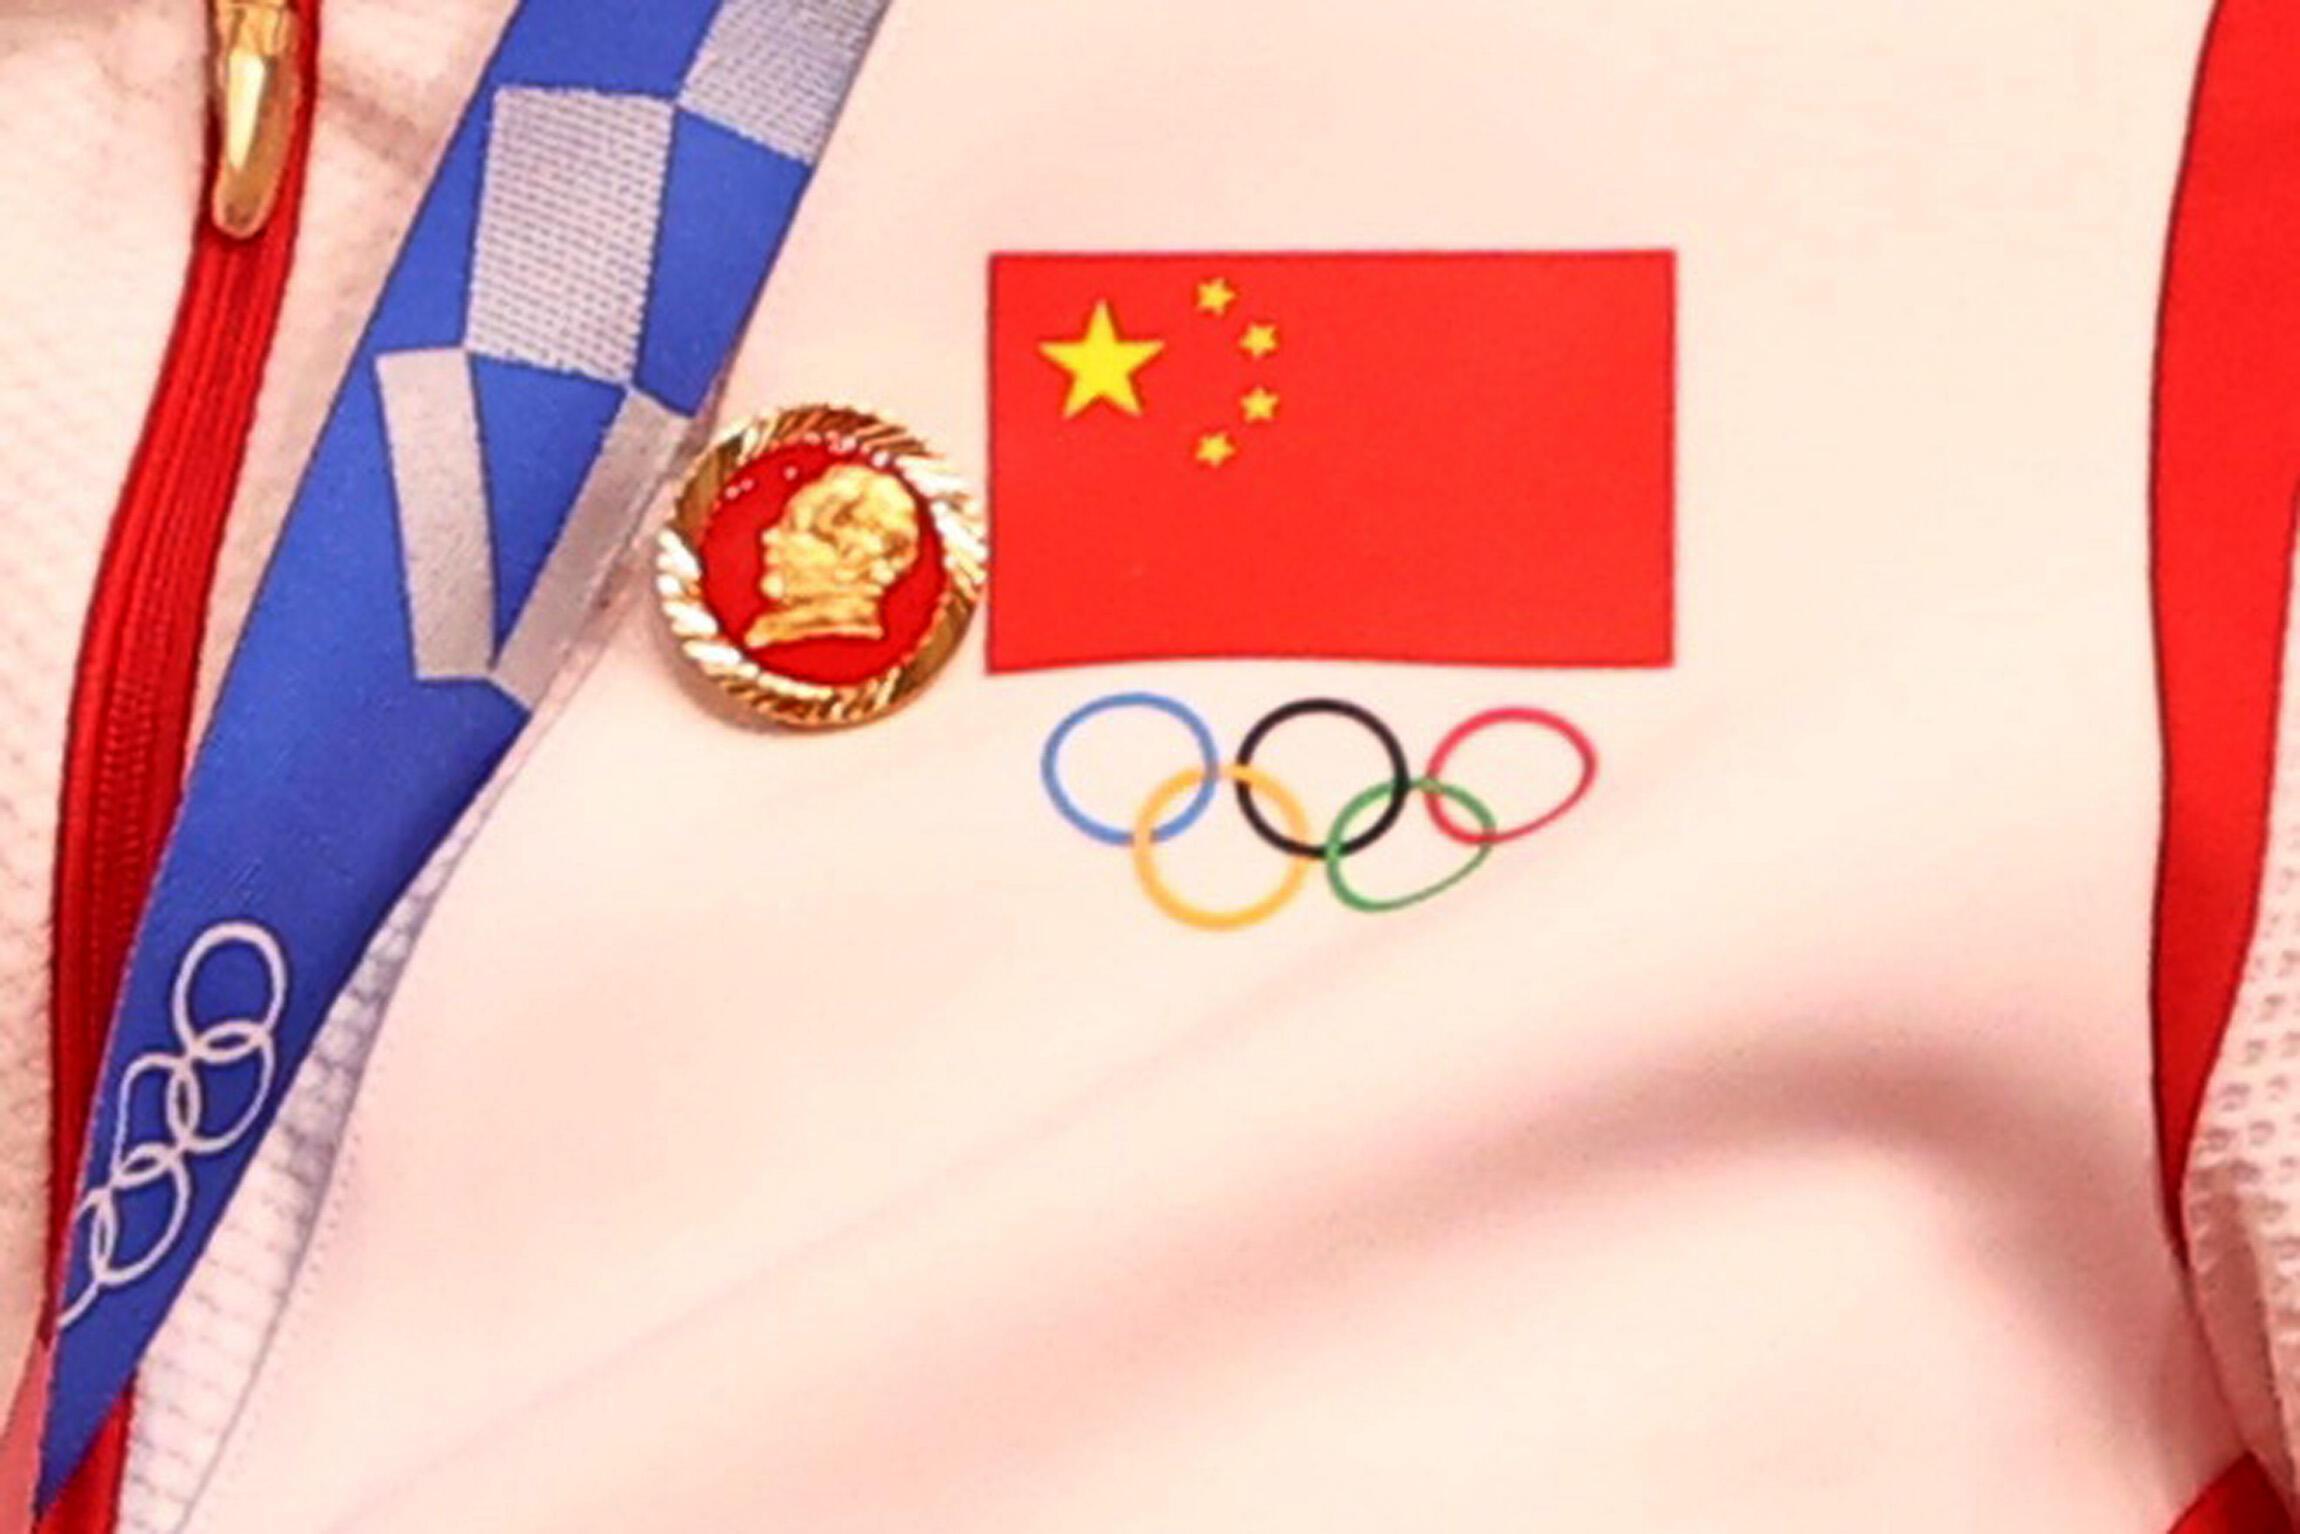 中国自行车金牌选手在奥运颁奖典礼上戴着毛泽东像章